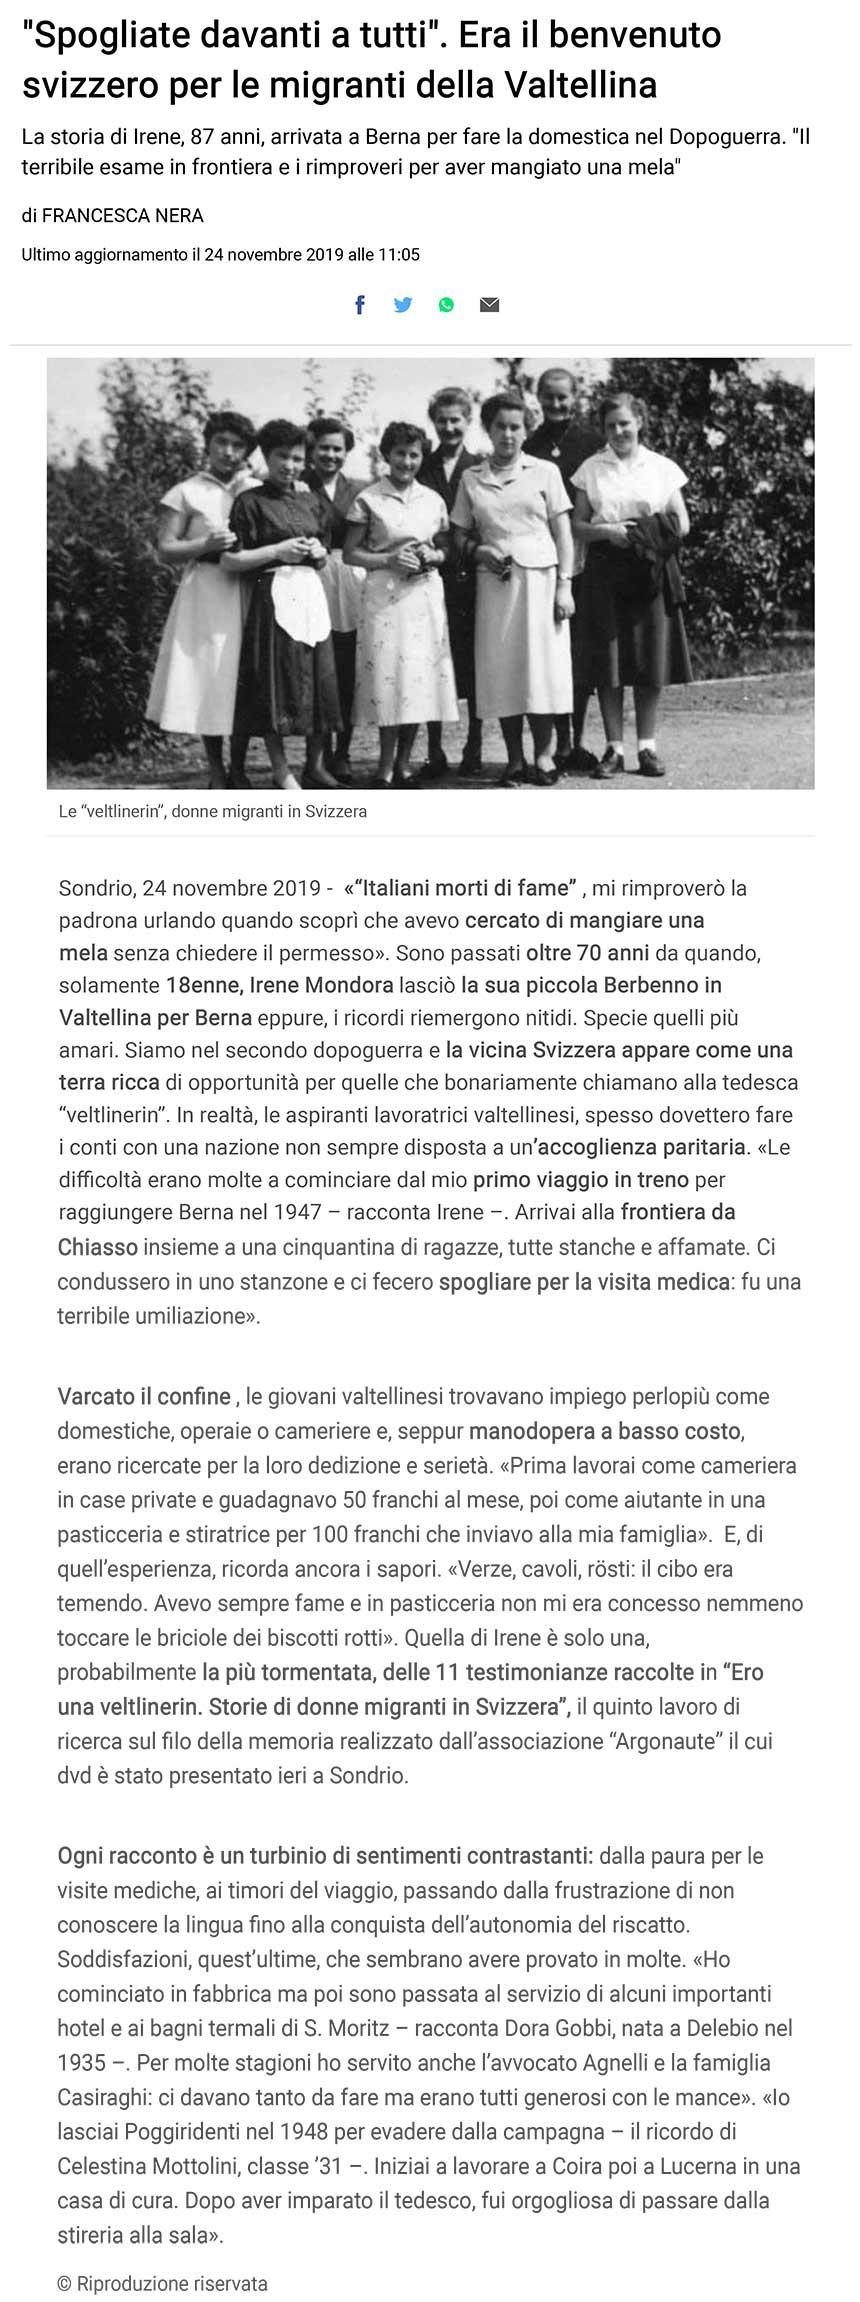 """2019-11-24 """"Spogliate davanti a tutti"""". Era il benvenuto svizzero per le migranti della Valtellina"""